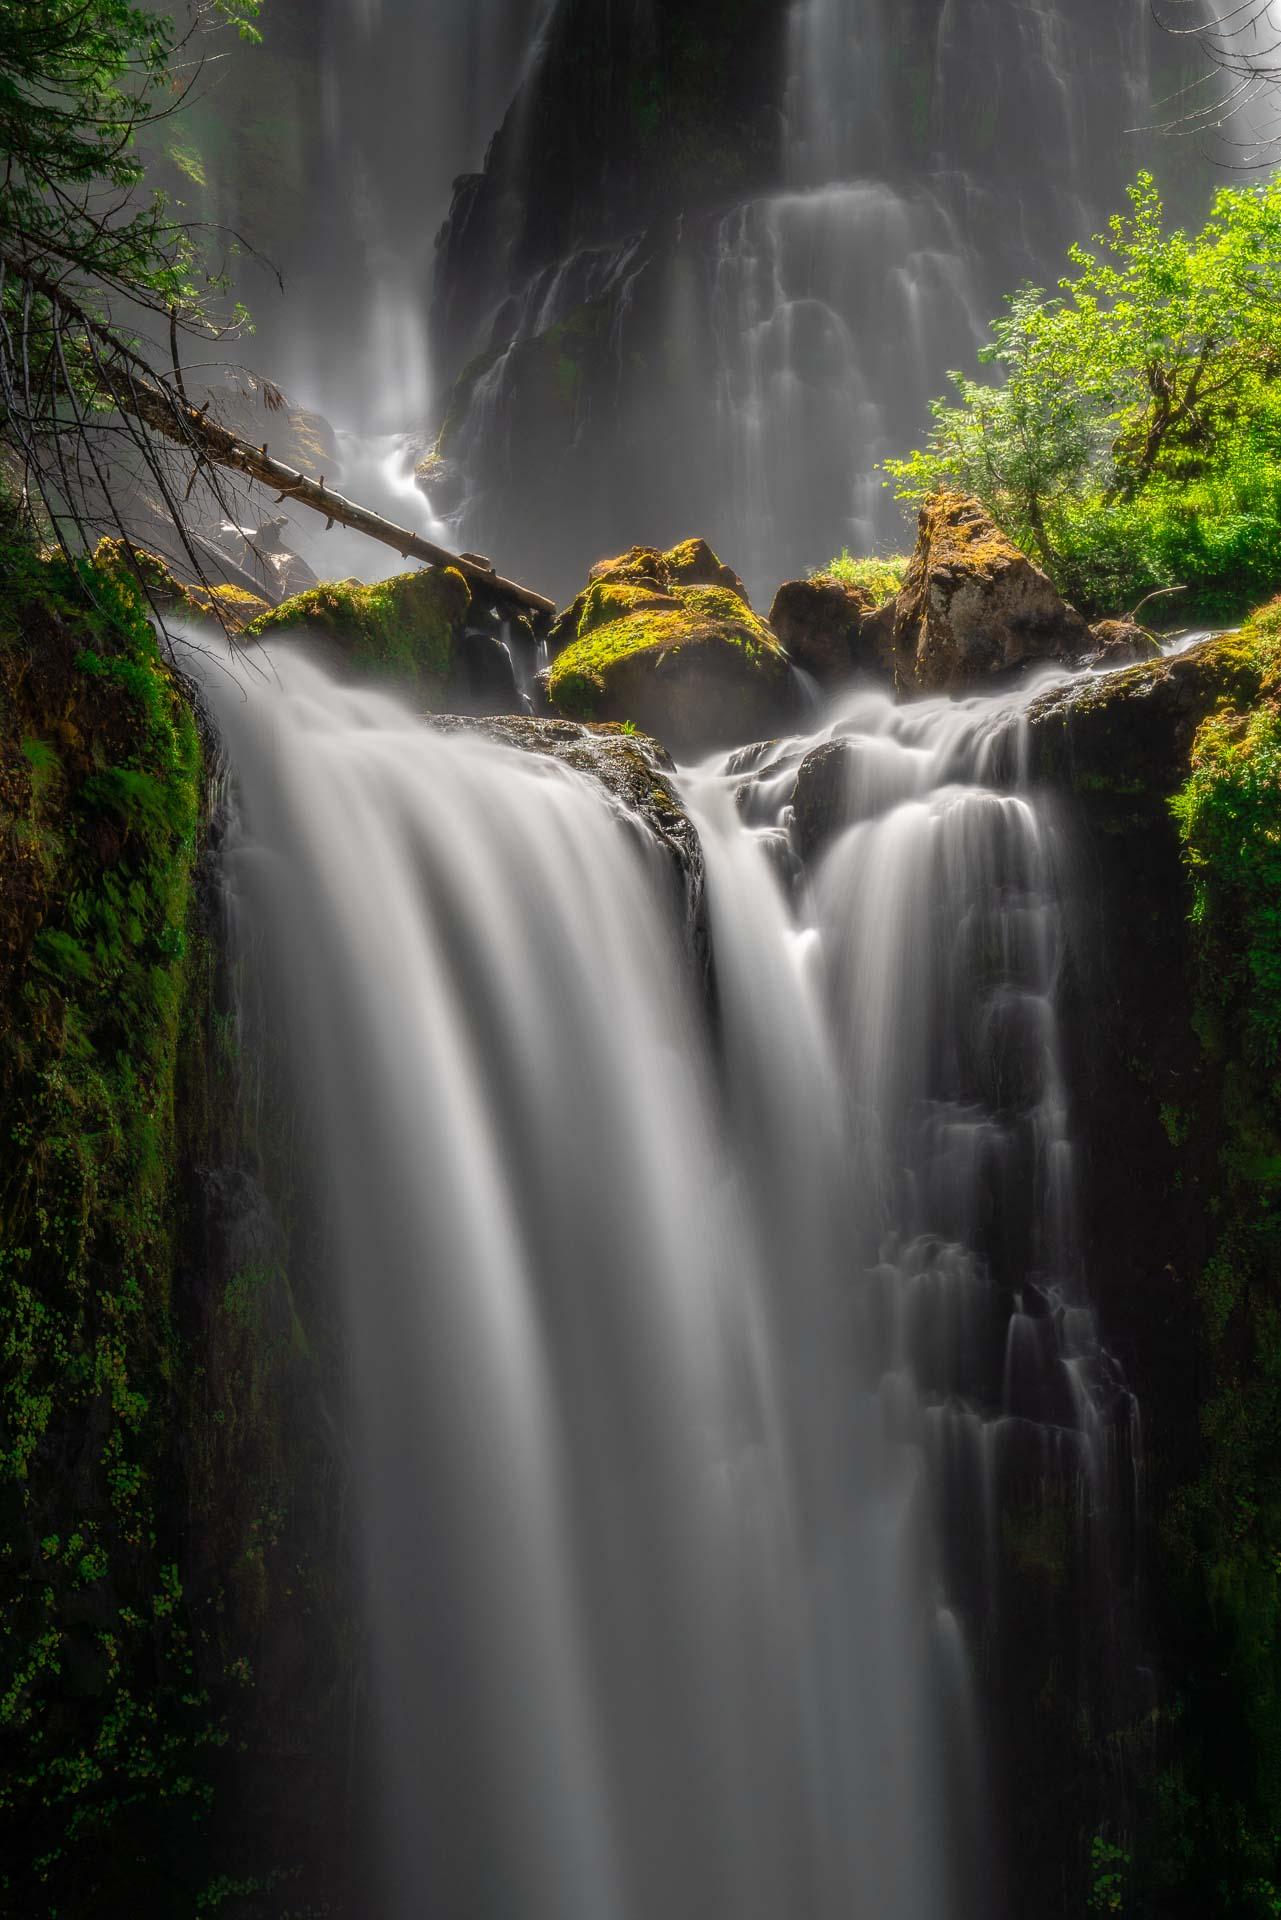 Falls Creek Falls, photo